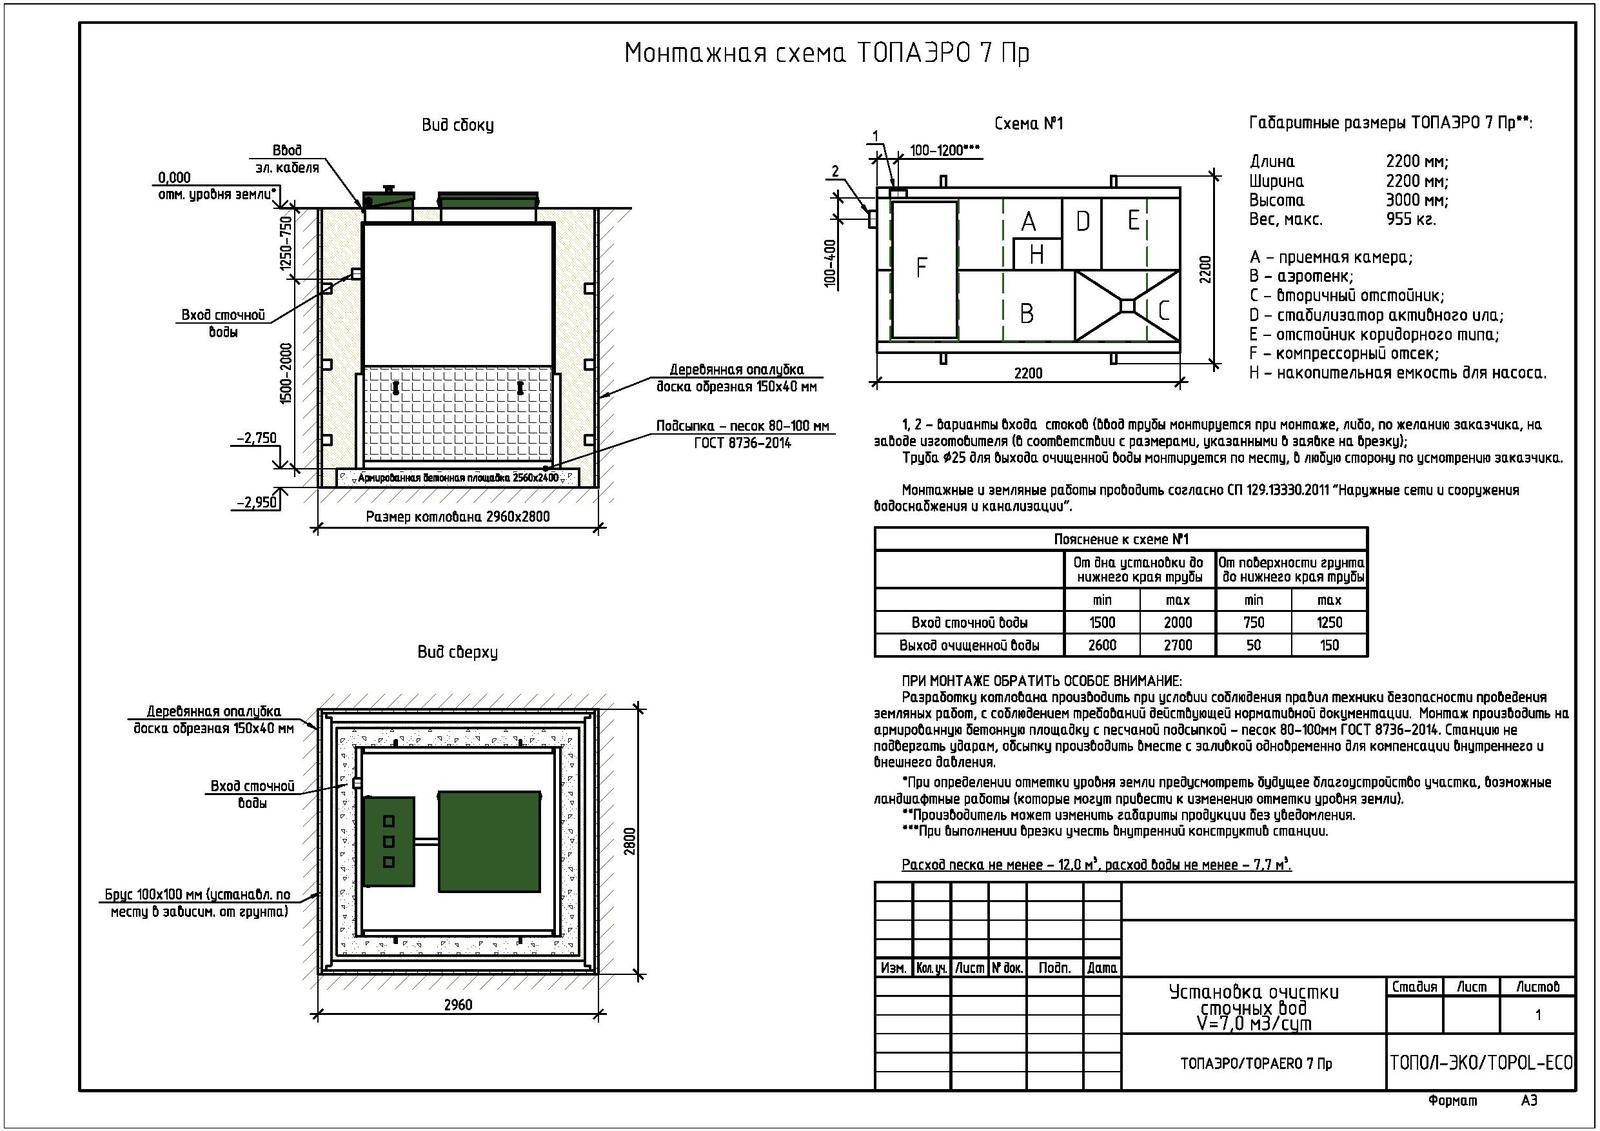 Монтажная схема септика Топаэро 7 ПР